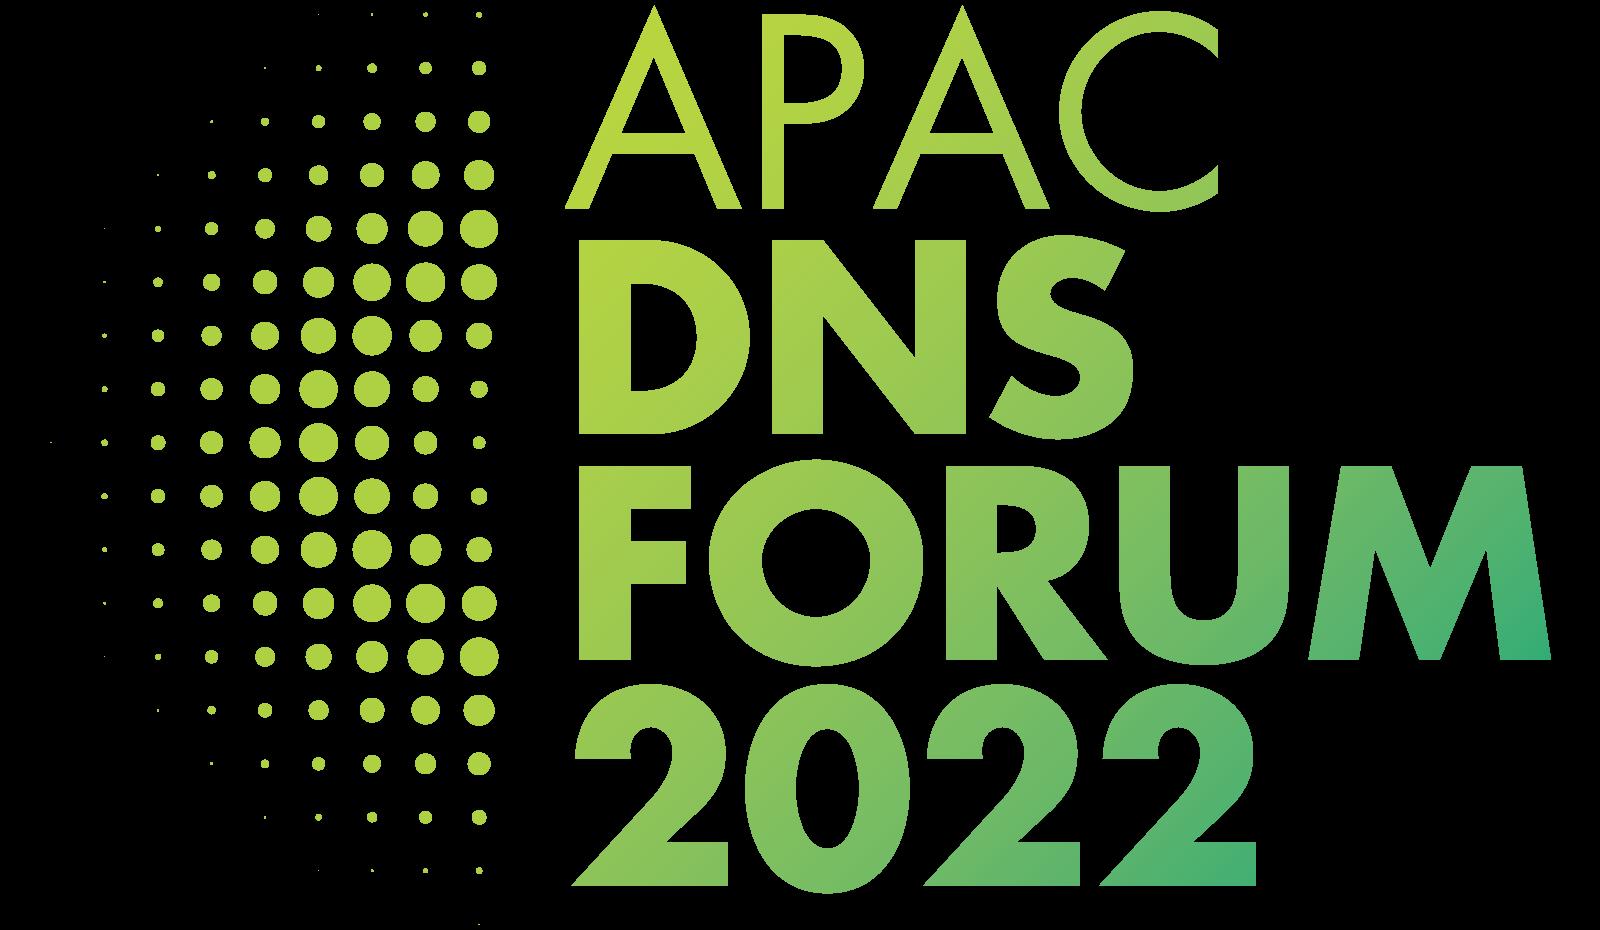 APAC DNS FORUM 2022